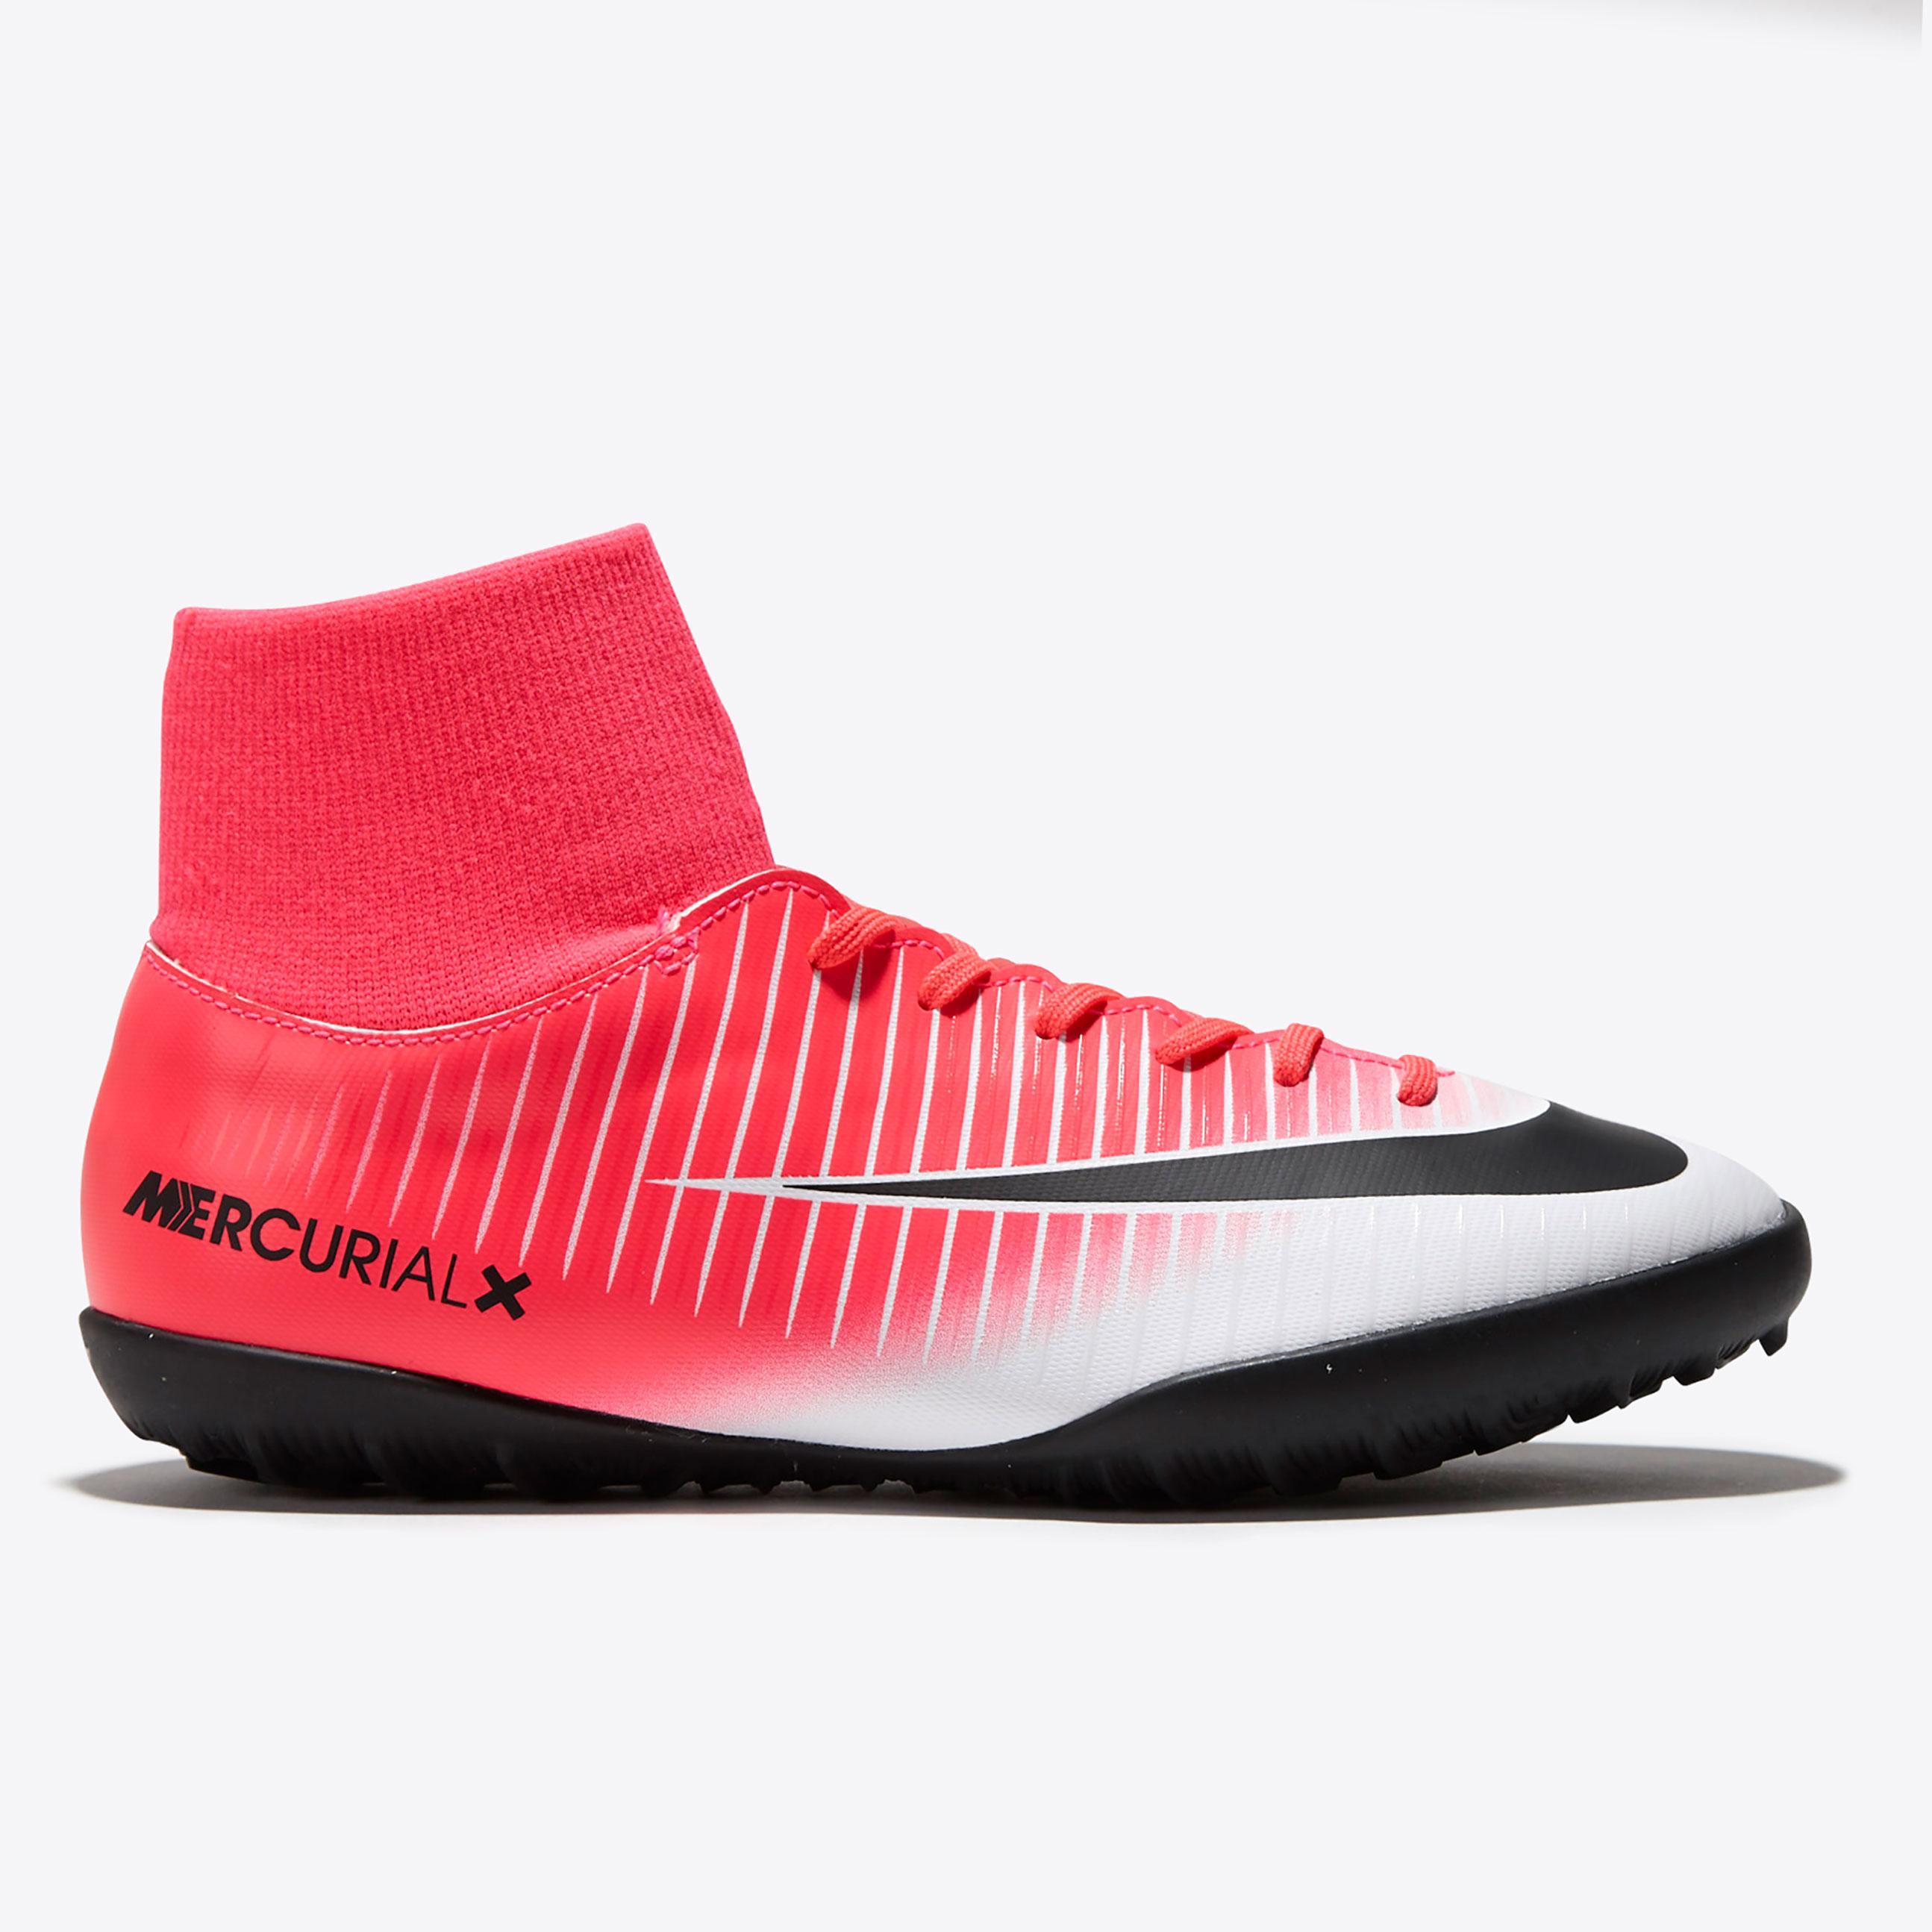 Nike Mercurial Victory VI DF Astroturf Trainers - Racer Pink/Black/Whi